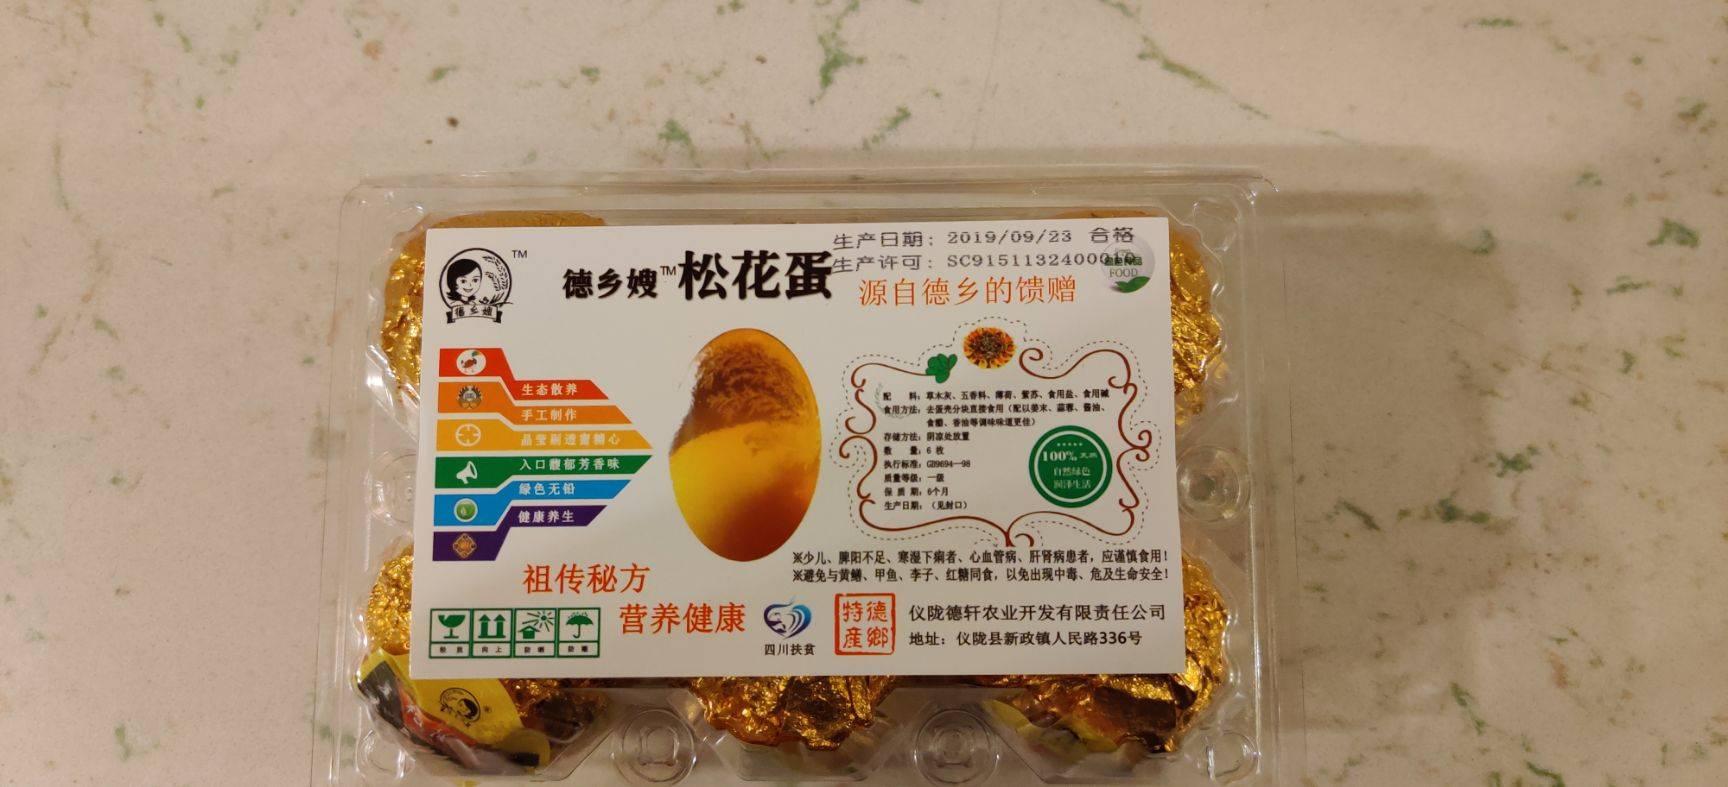 [松花鸭蛋批发]松花鸭蛋 厂家直销松花蛋价格13元/盒